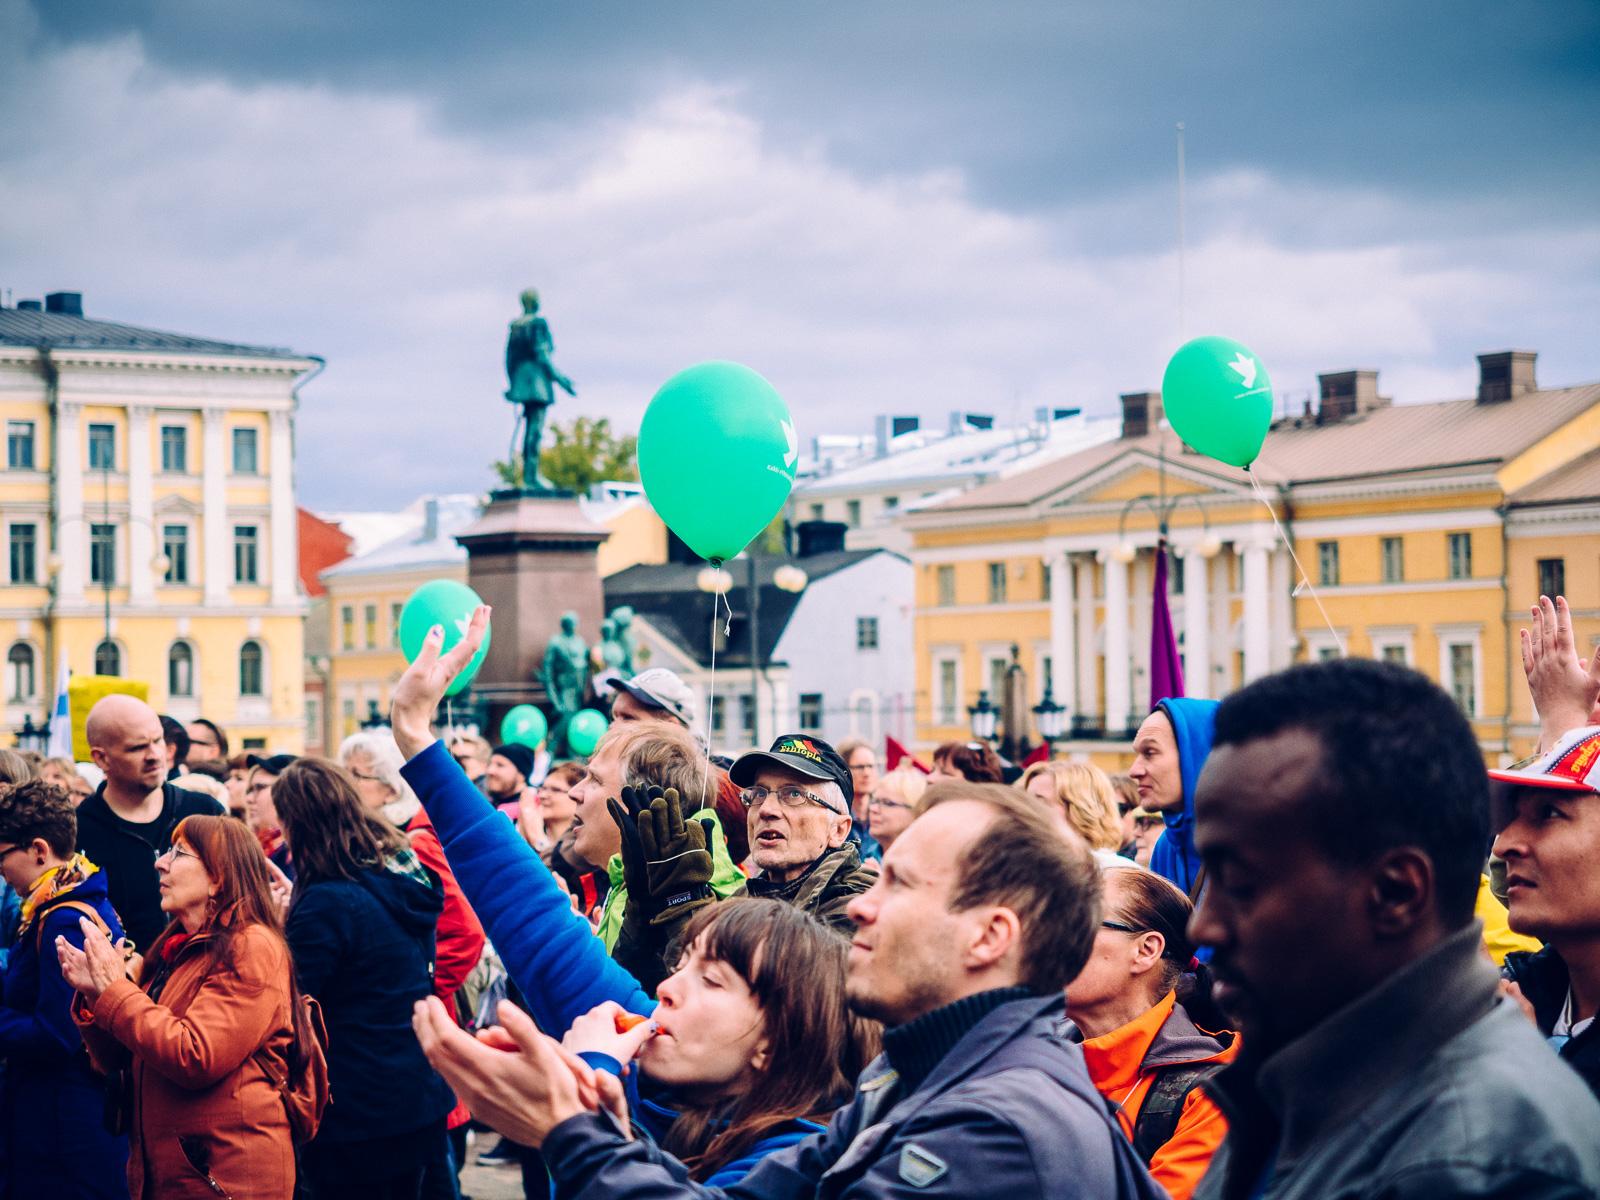 peli-poikki-anti-racist-march-12